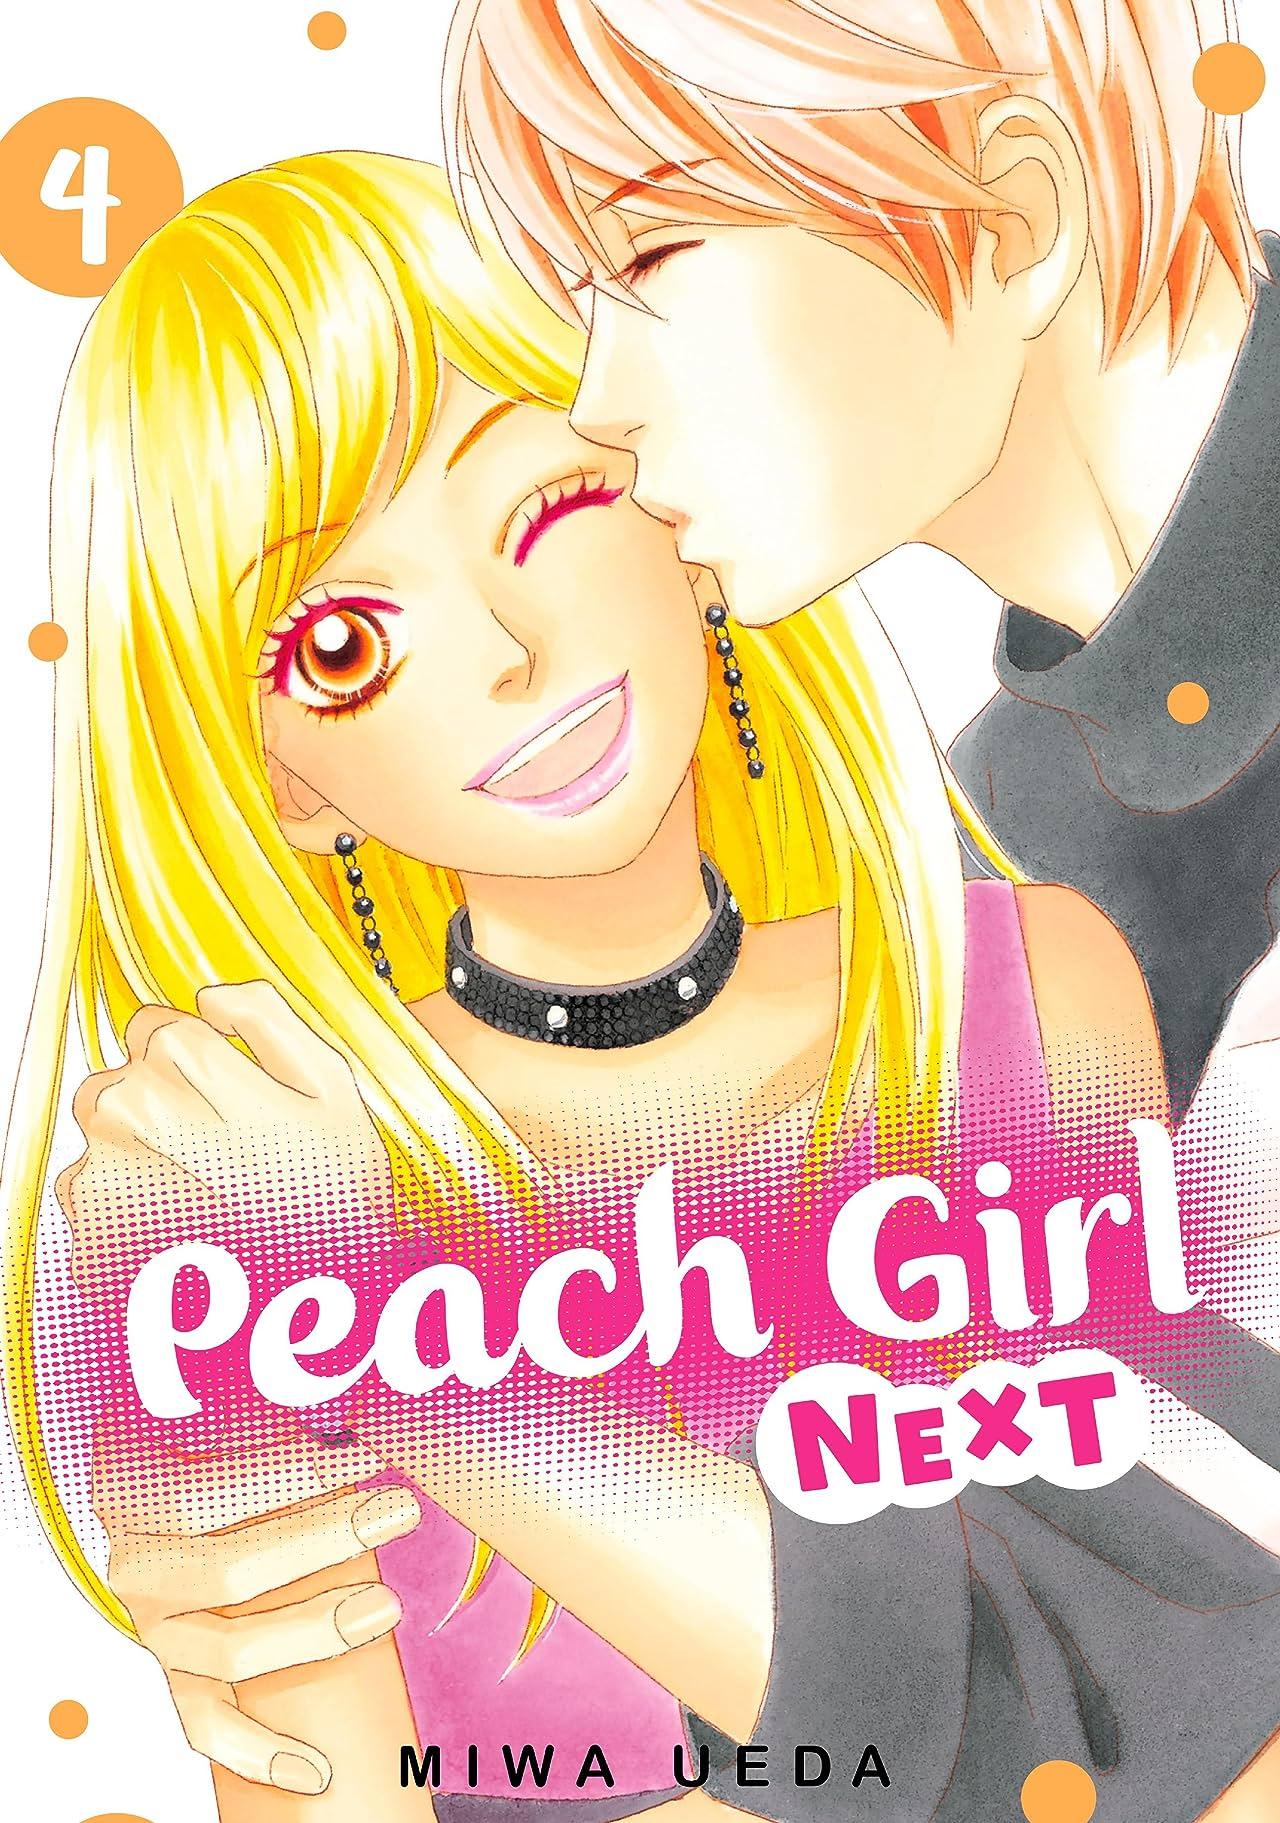 Peach Girl NEXT Vol. 4